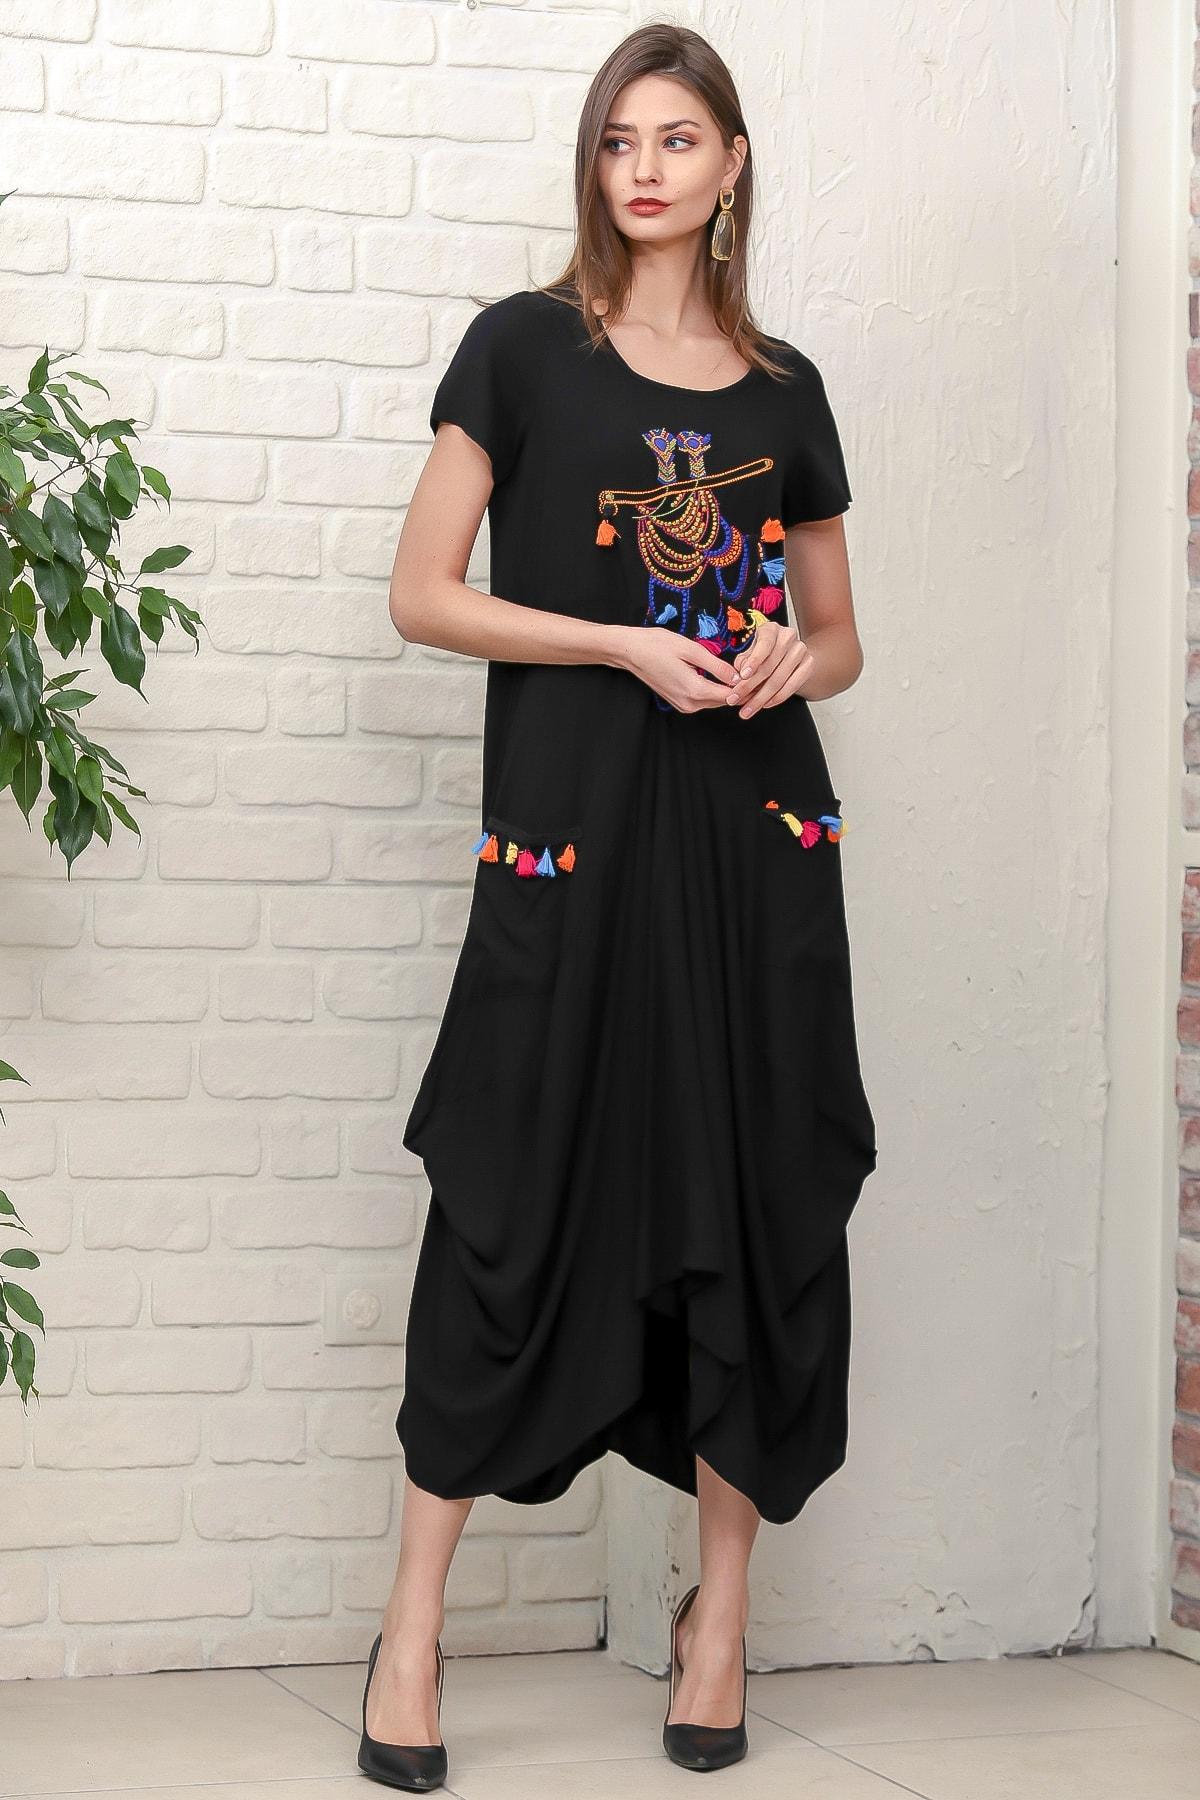 Chiccy Kadın Siyah Bohem Ayak Nakışlı Yarım Kollu Cepli Asimetrik Salaş Dokuma Elbise M10160000EL95884 3